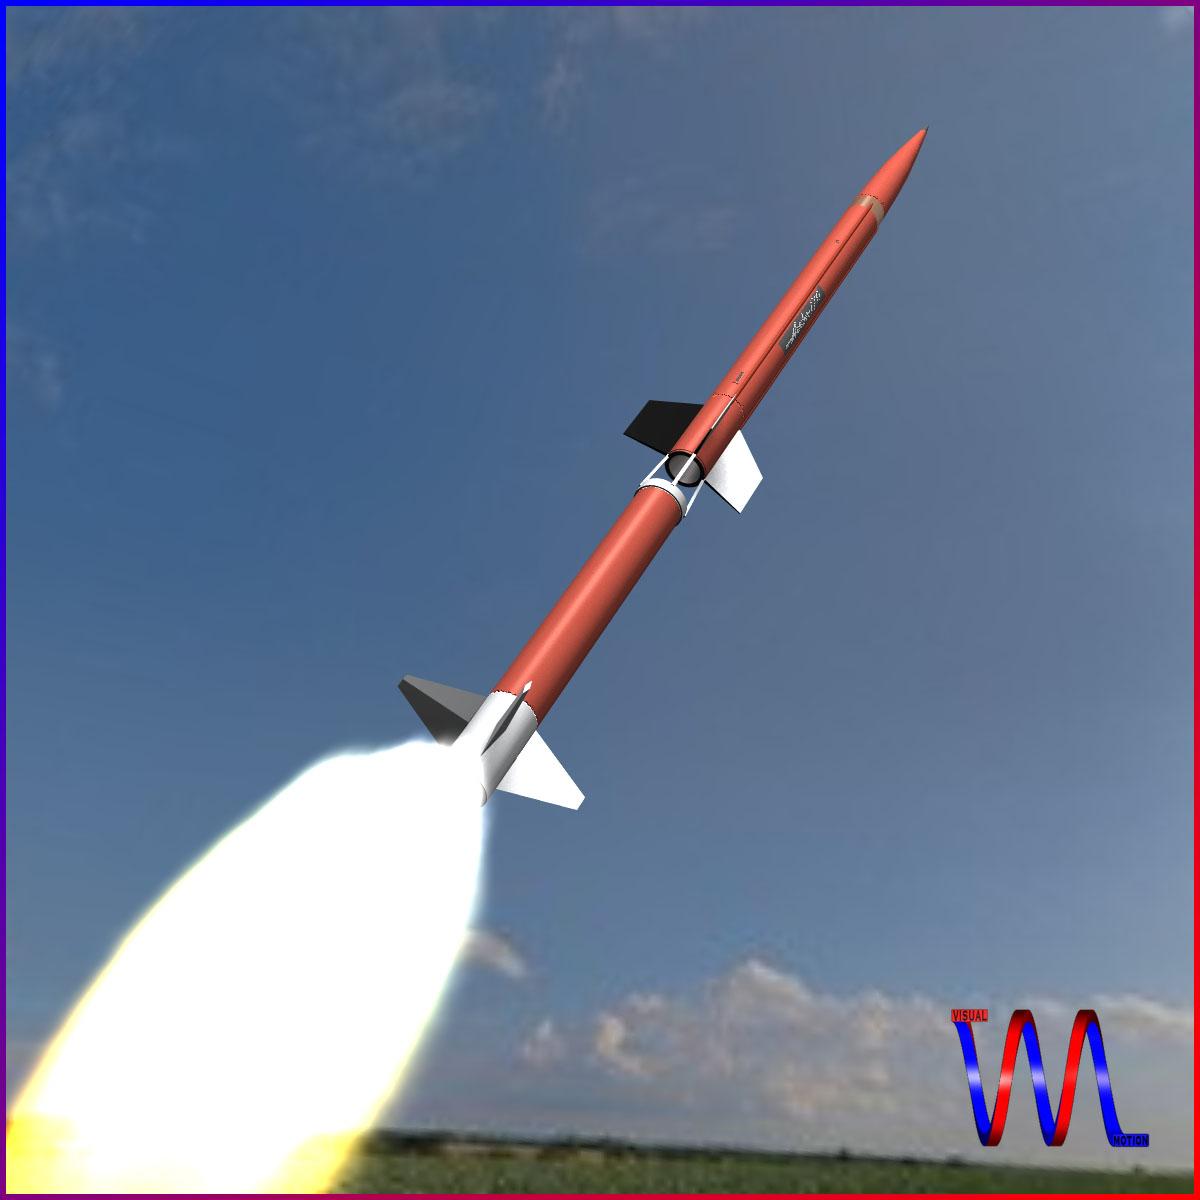 aerobee 170 raķete 3d modelis 3ds dxf fbx blend cob dae x obj 166035